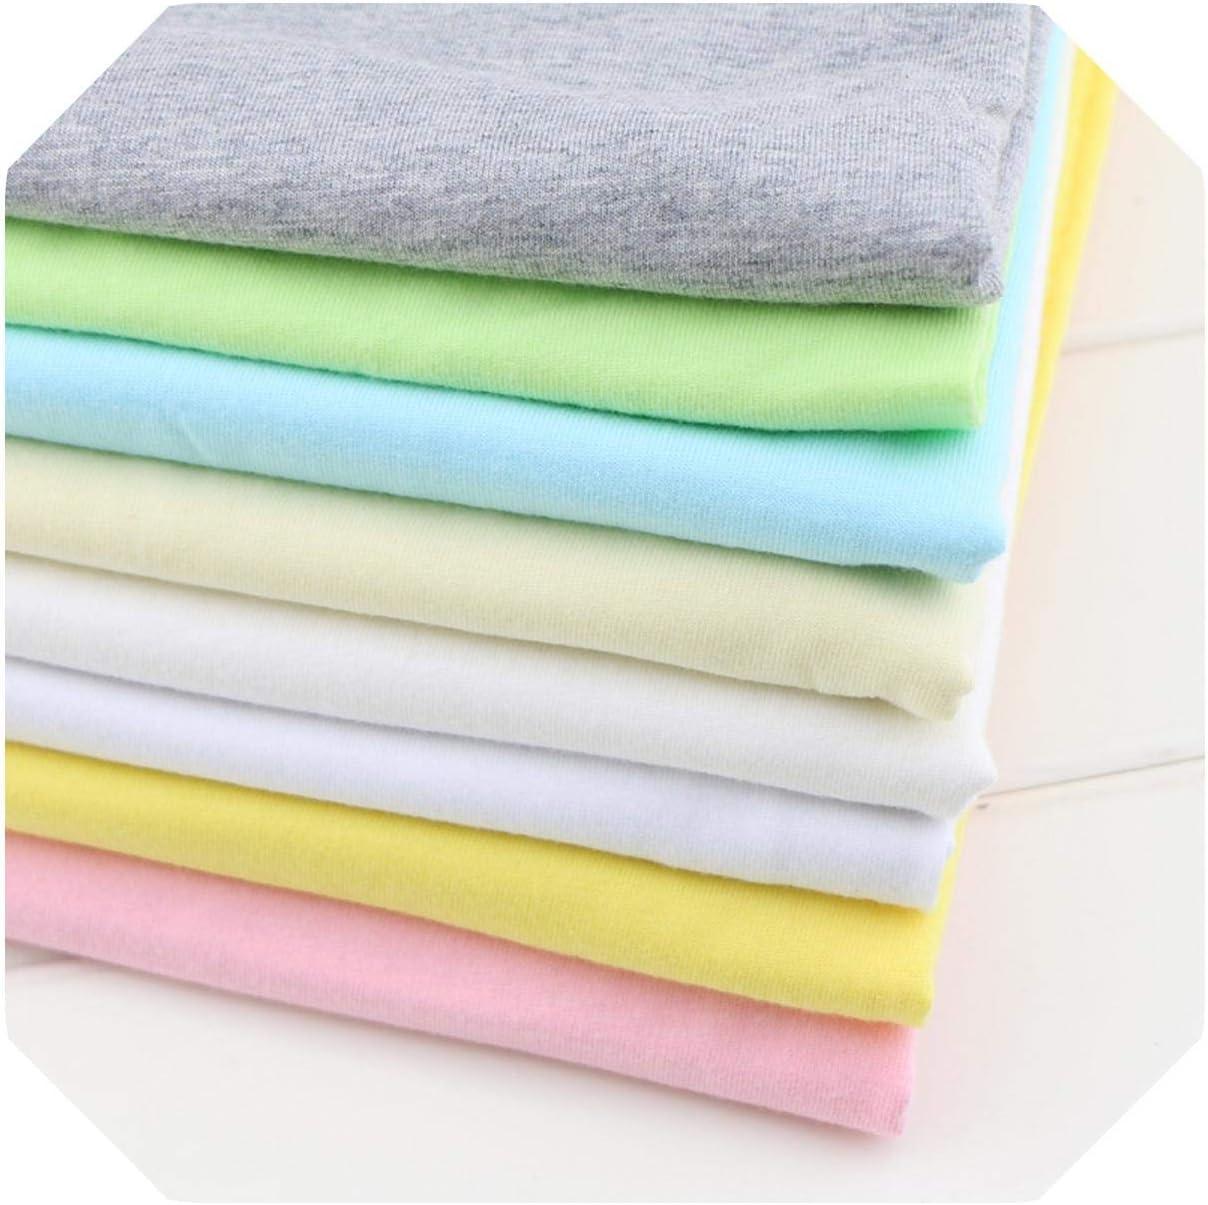 Tejido Para Decoración | Tejido de punto de algodón elástico de 50 * 160 cm para coser bricolaje Ropa de algodón para bebés que hace tela por medio metro-Rosa-